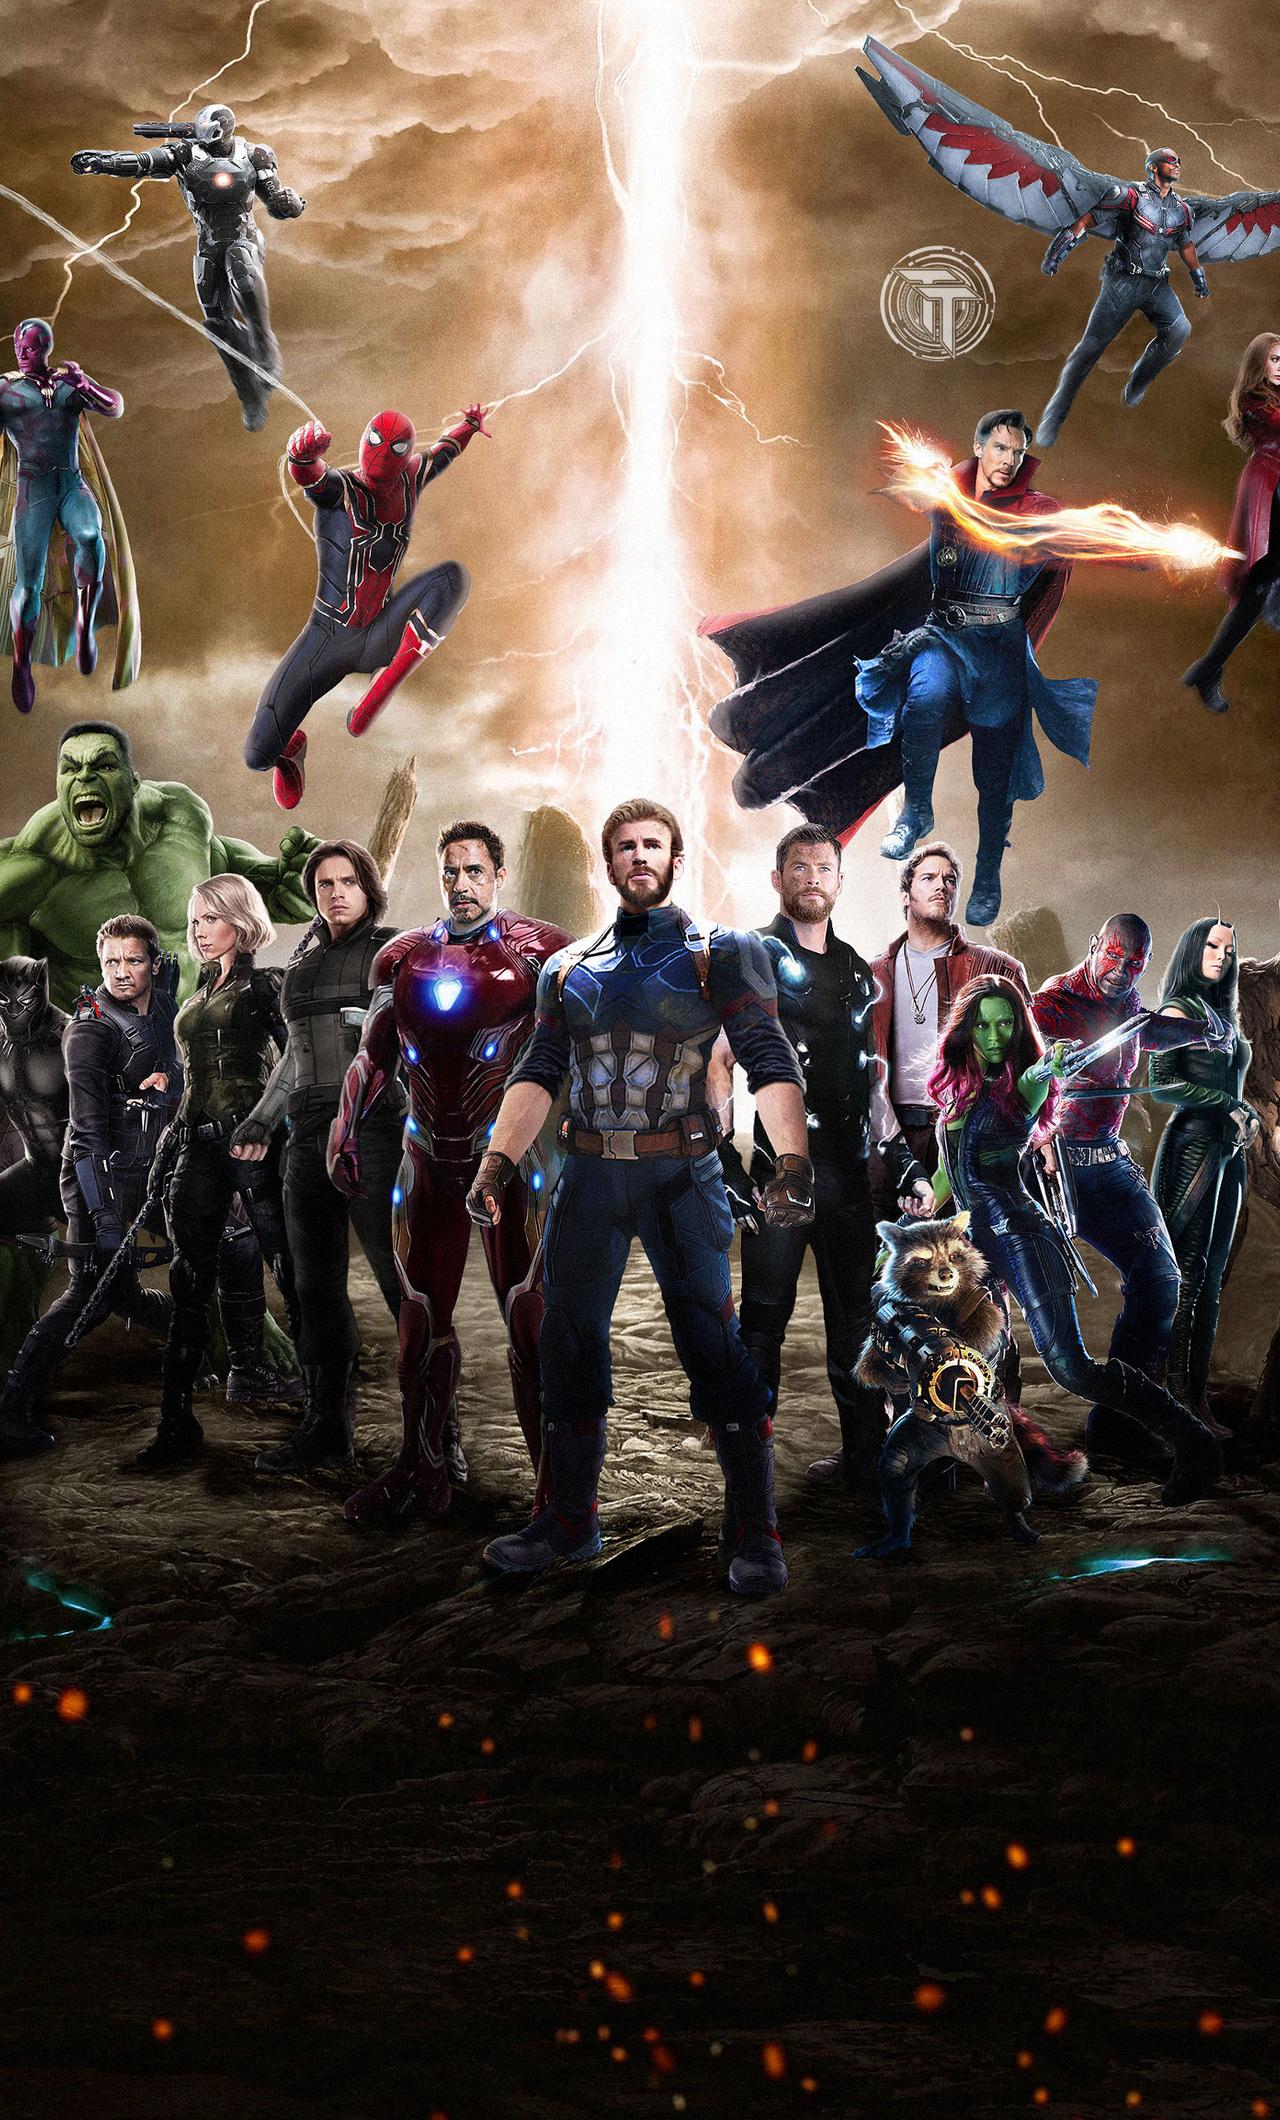 avengers infinity war iphone hd wallpaper wallpaper desktop hd